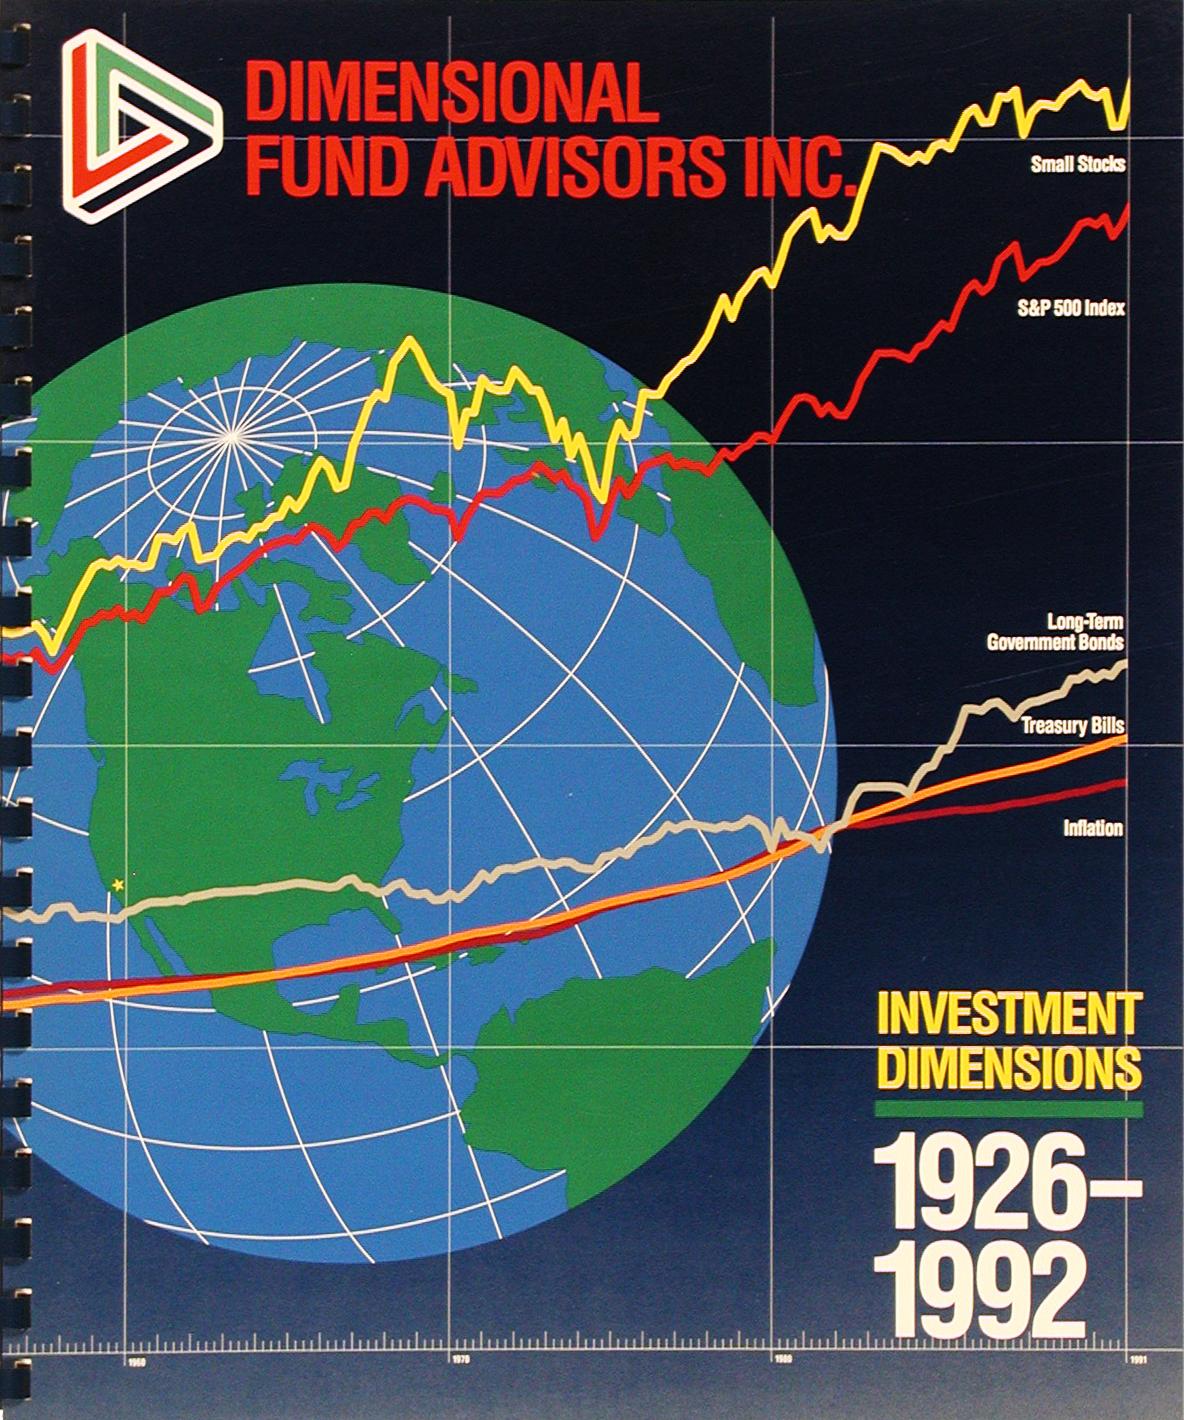 DFA Matrix Book 1992